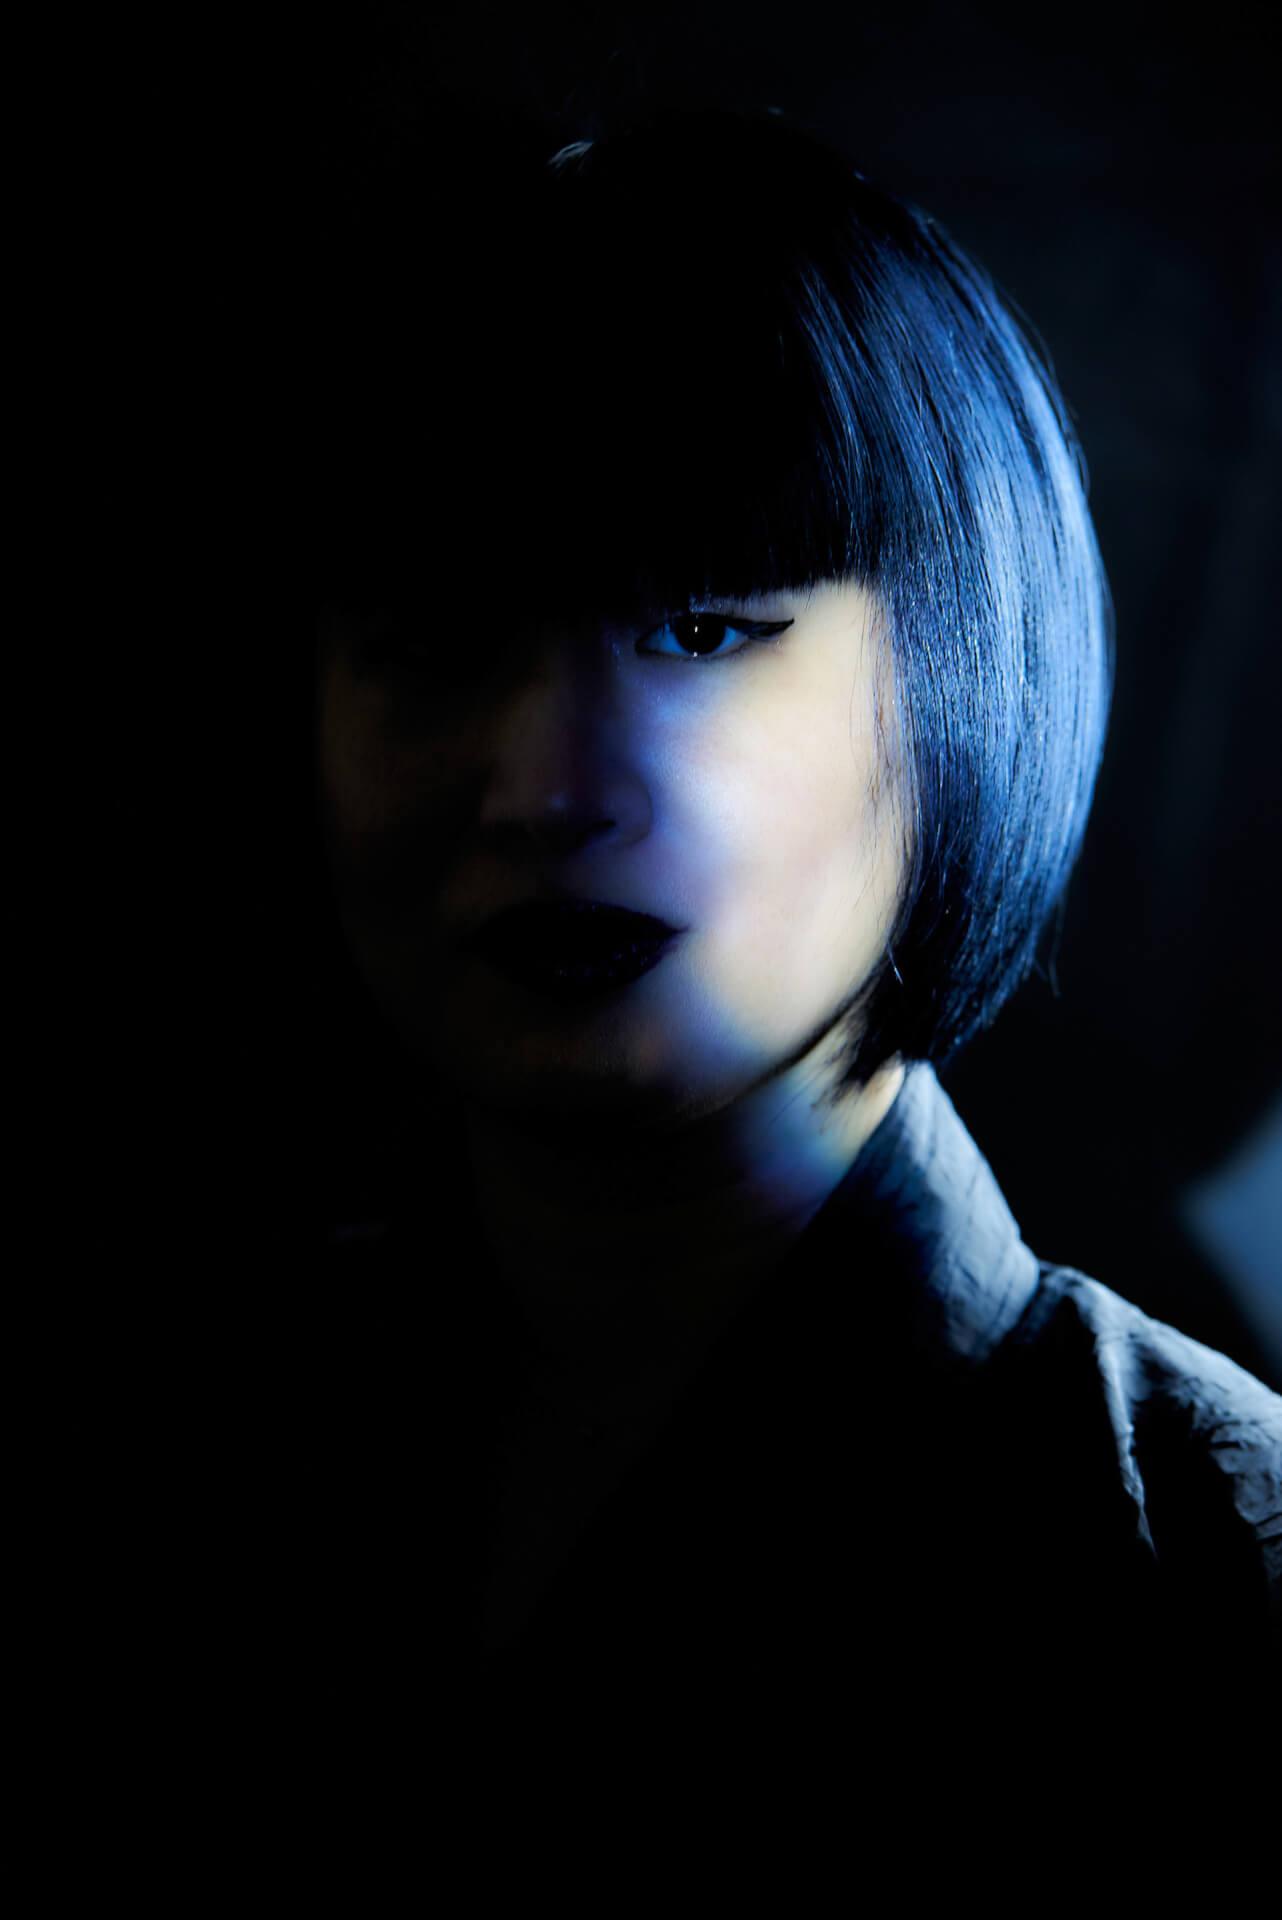 才色兼備のフィメールDJ、Anfisa Letyagoが待望の初来日決定!共演にHITO、YUADA music200121_anfisaletyago_3